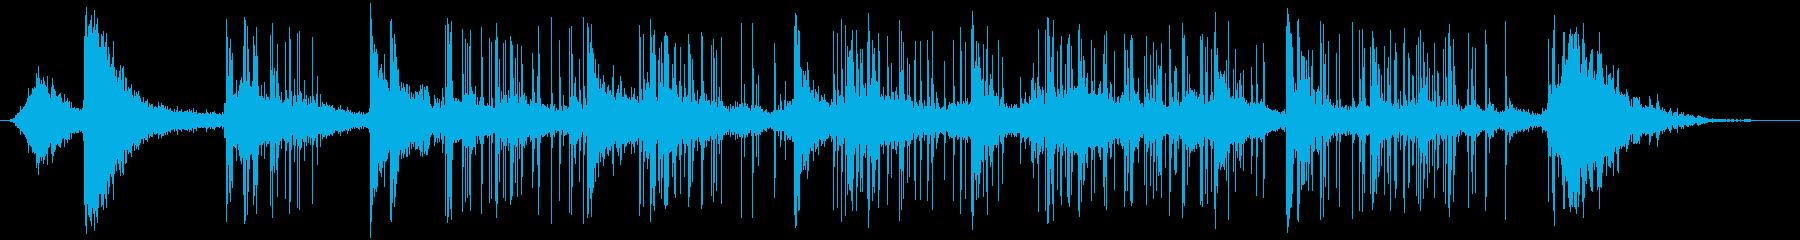 花火-ロケット-の再生済みの波形